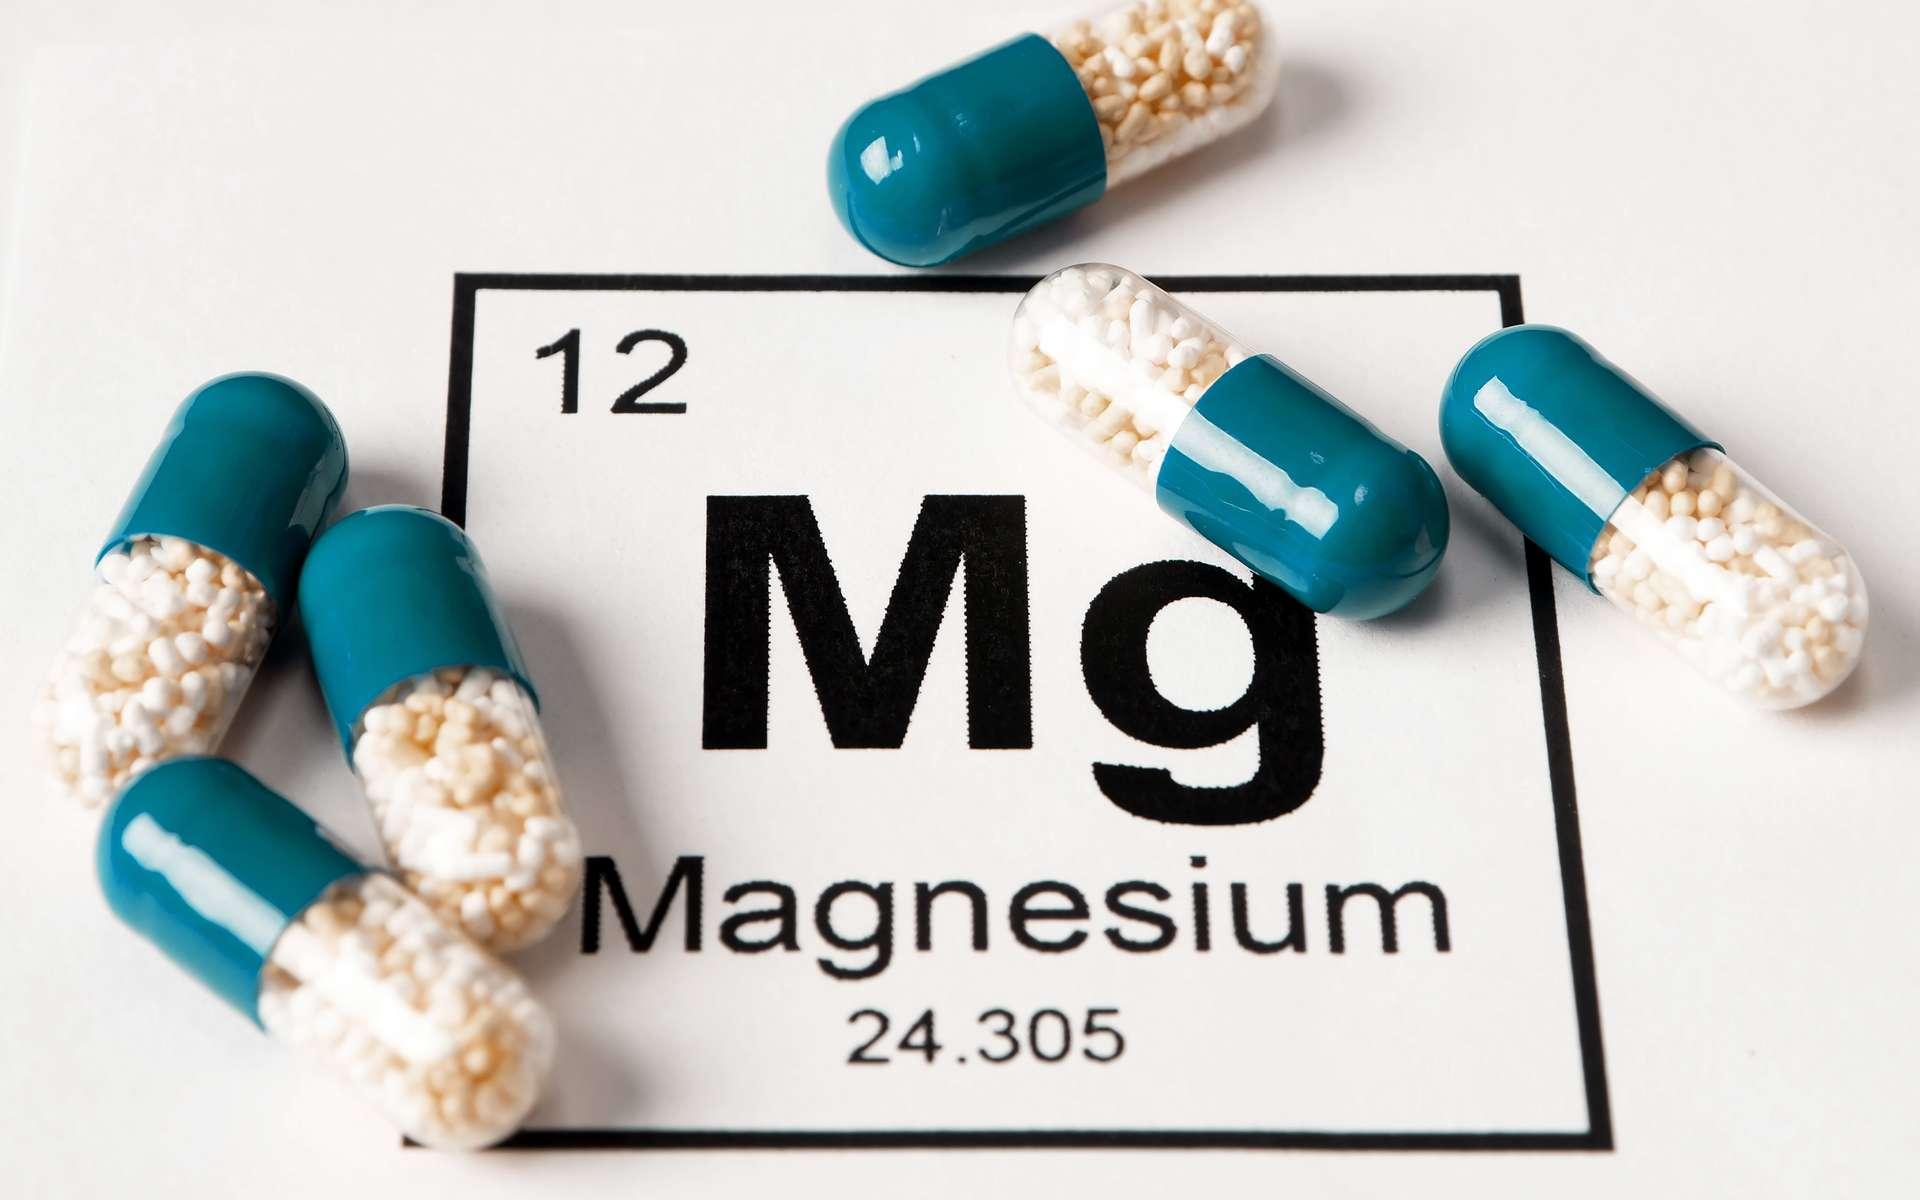 Le magnésium est un micronutriment d'une importance fondamentale pour notre organisme. © Dmitriy, Adobe Stock